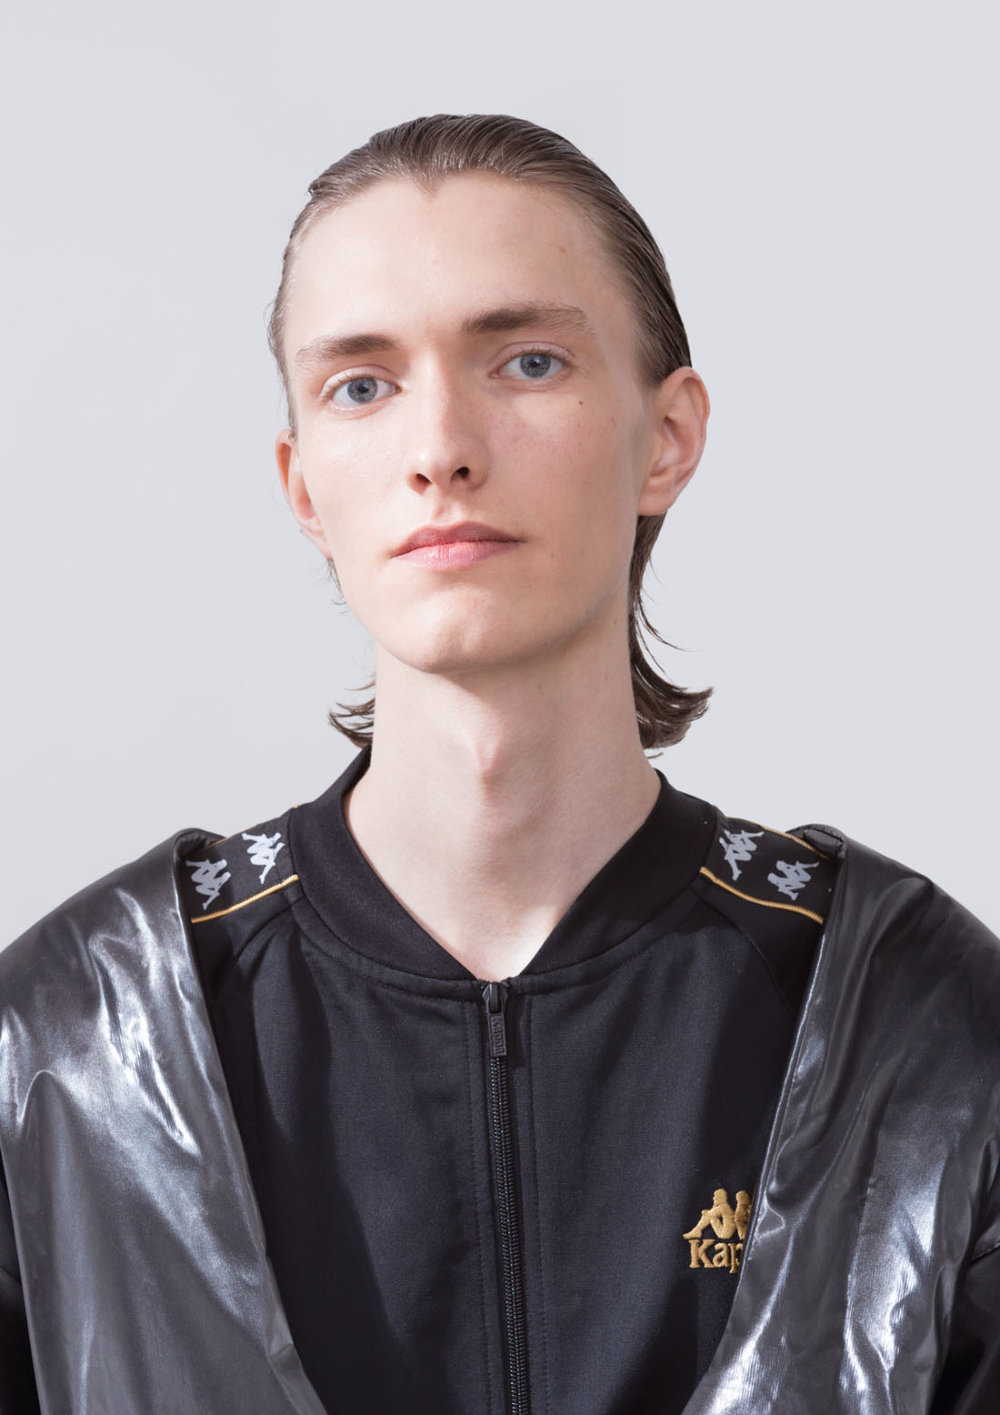 jacket   KAPPA c oat   FIEN PLOEGER